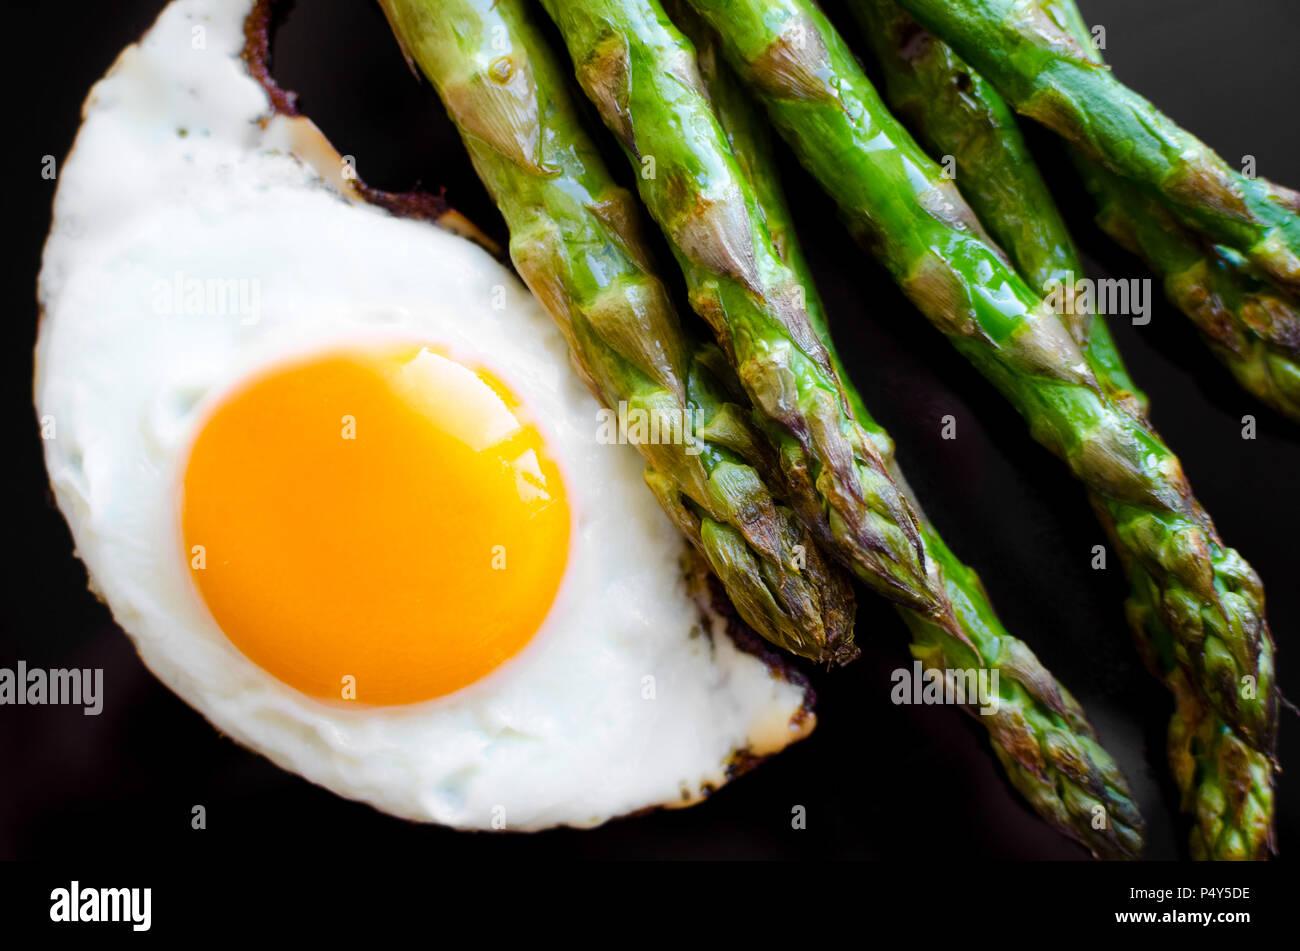 Spiegeleier gebraten und frischen Spargel in schwarze Platte. Gesundes Mittagessen Konzept. Leckere, gesunde Ernährung. Ansicht von oben. Stockbild